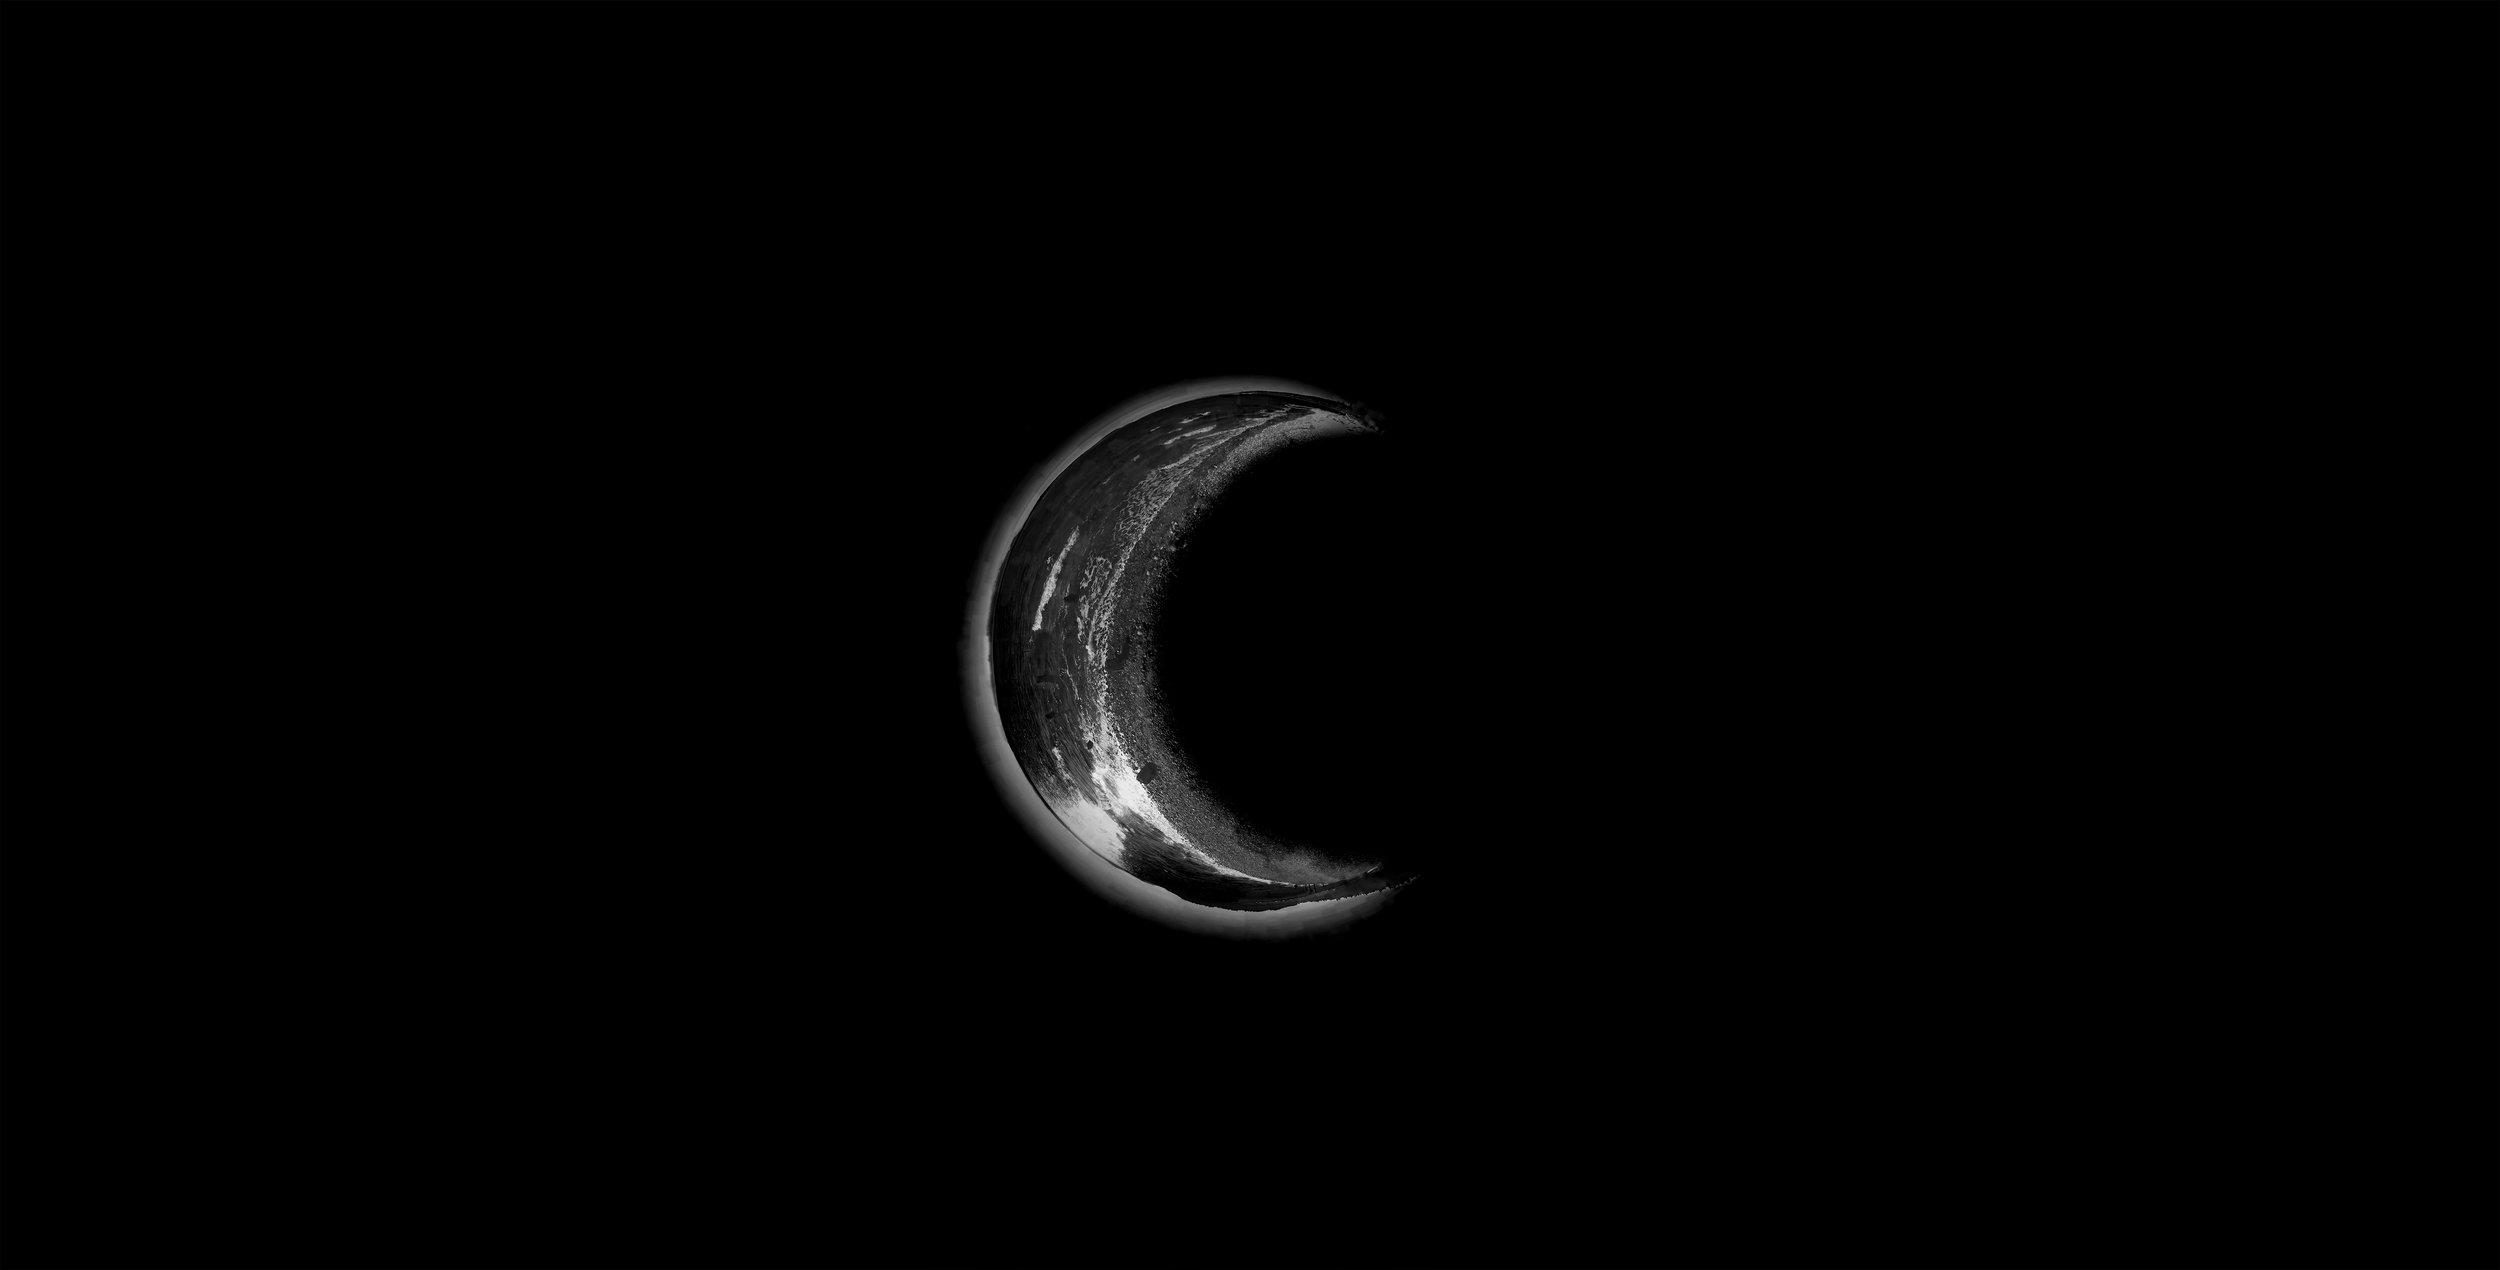 MoonBG.jpg